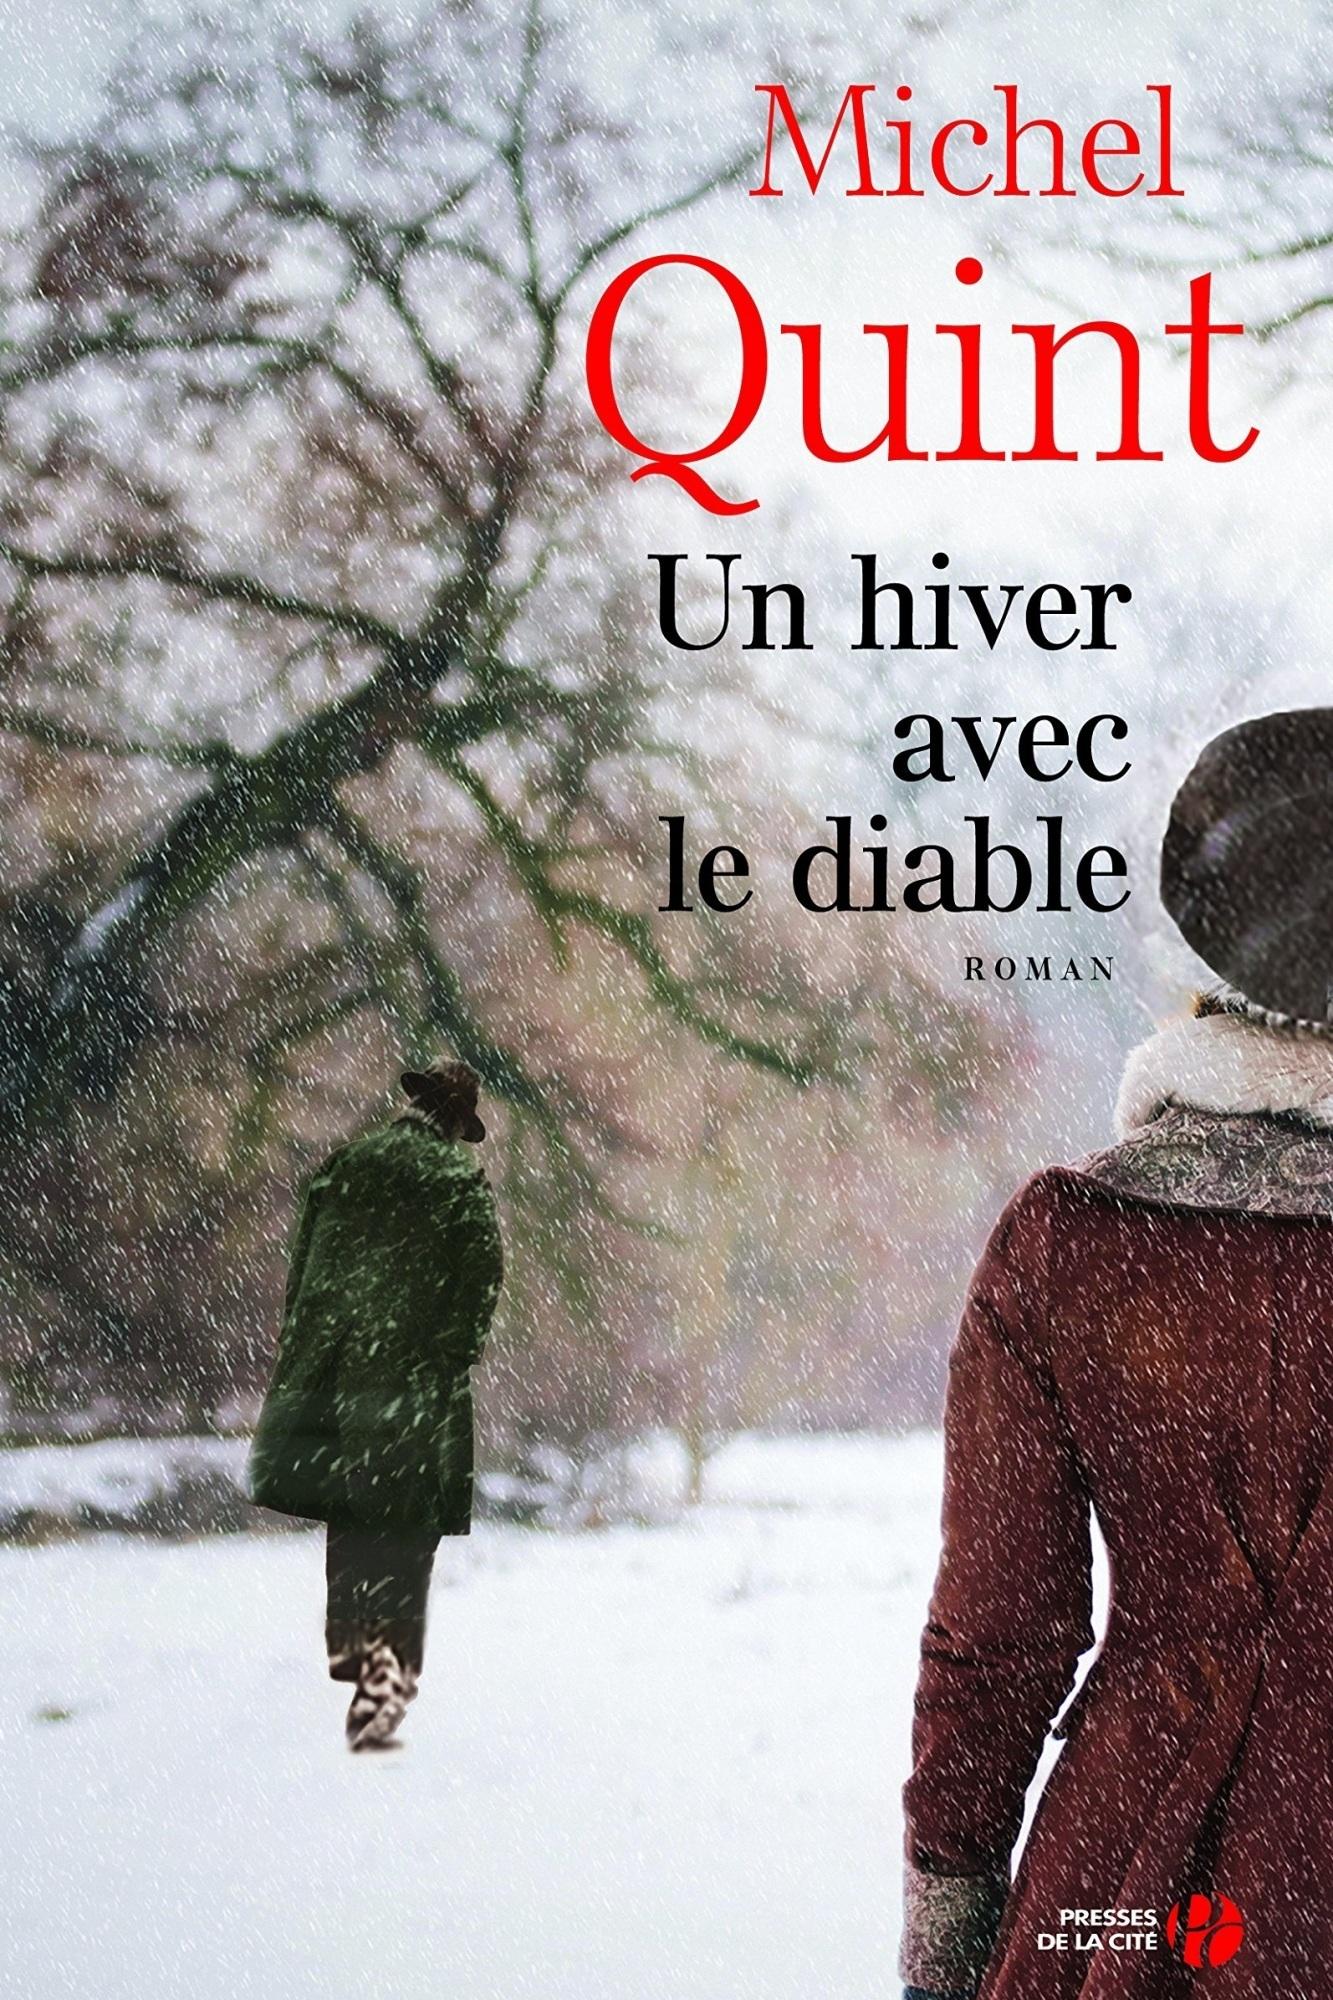 Michel Quint - Un hiver avec le diable (2016)